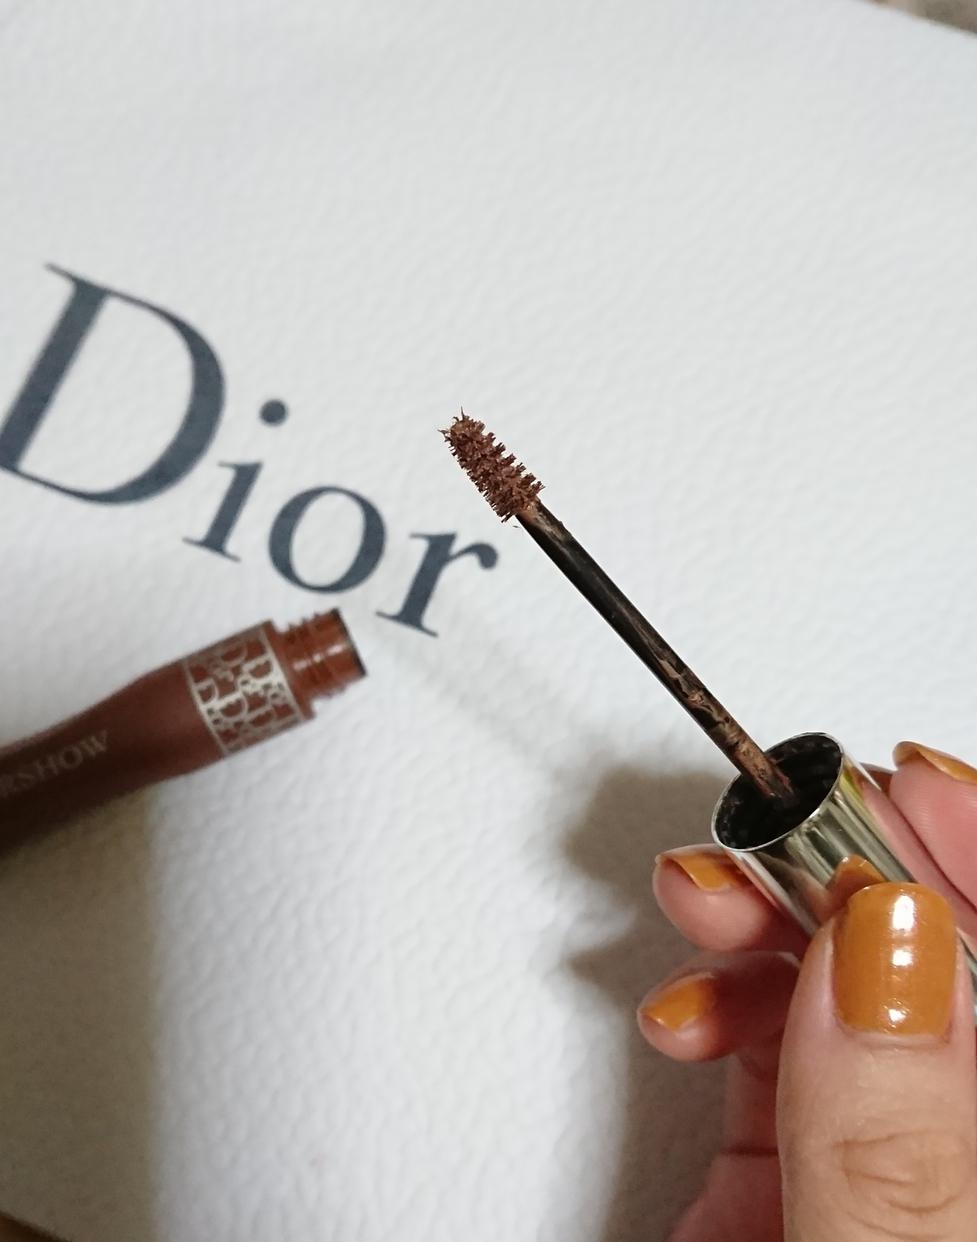 Dior(ディオール)ショウ パンプ&ブロウを使ったErikaさんのクチコミ画像2